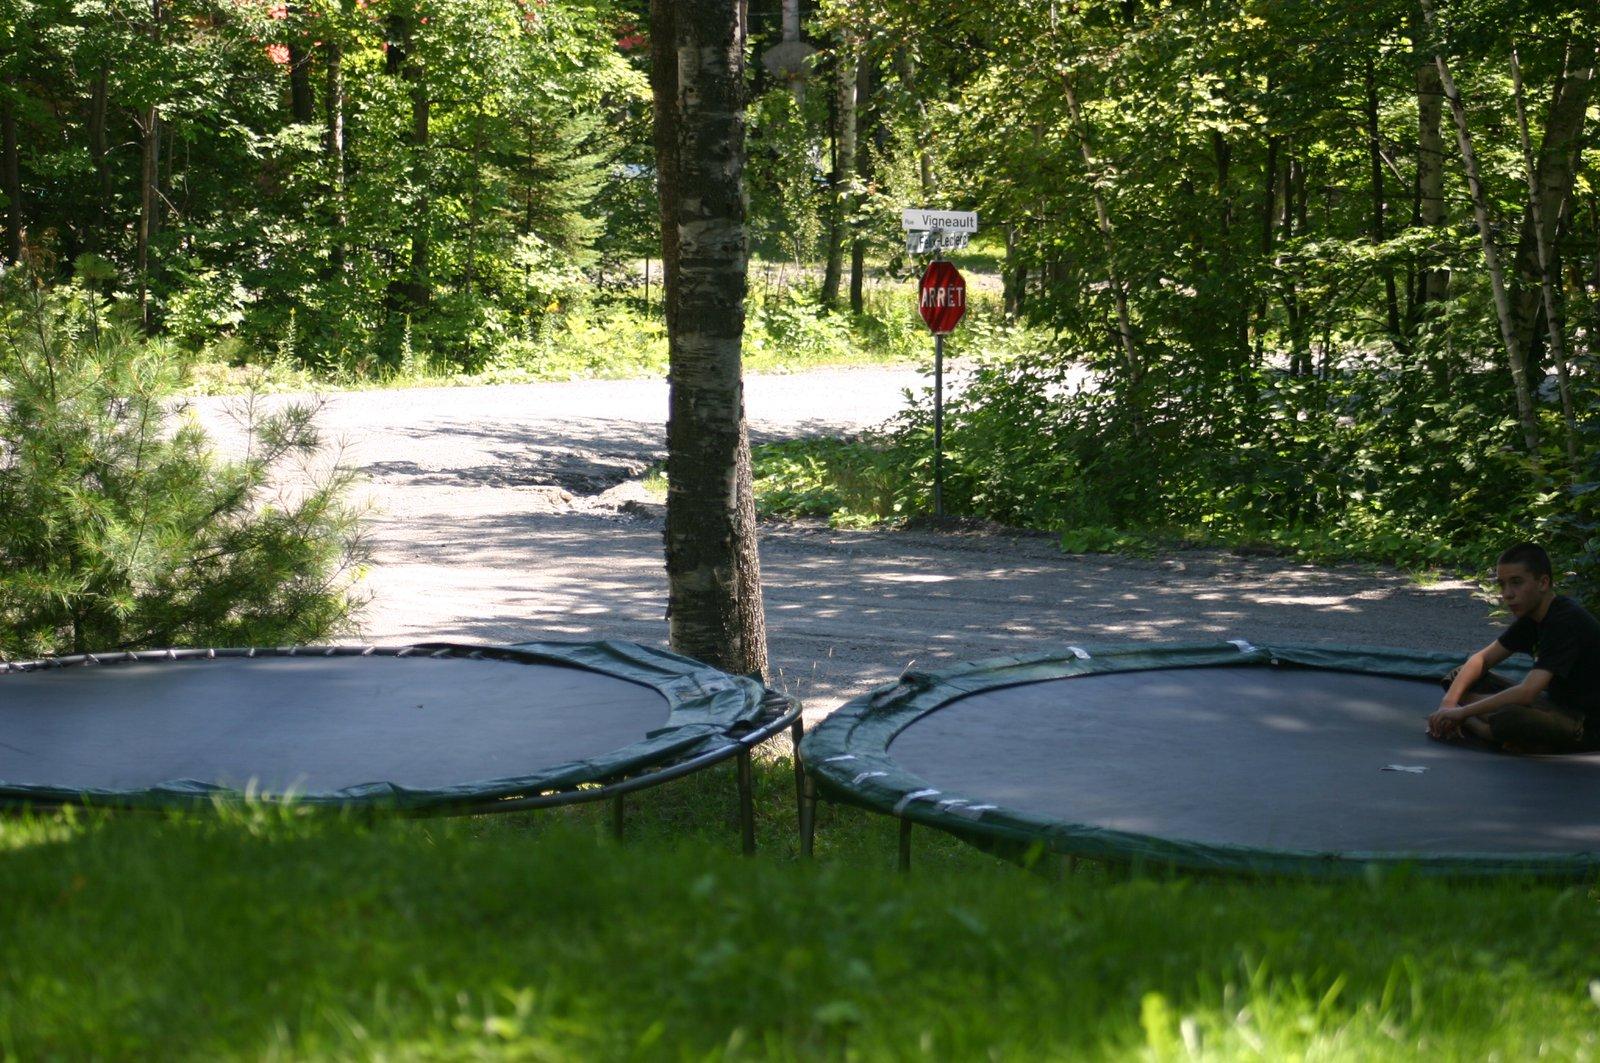 2 trampoline setup